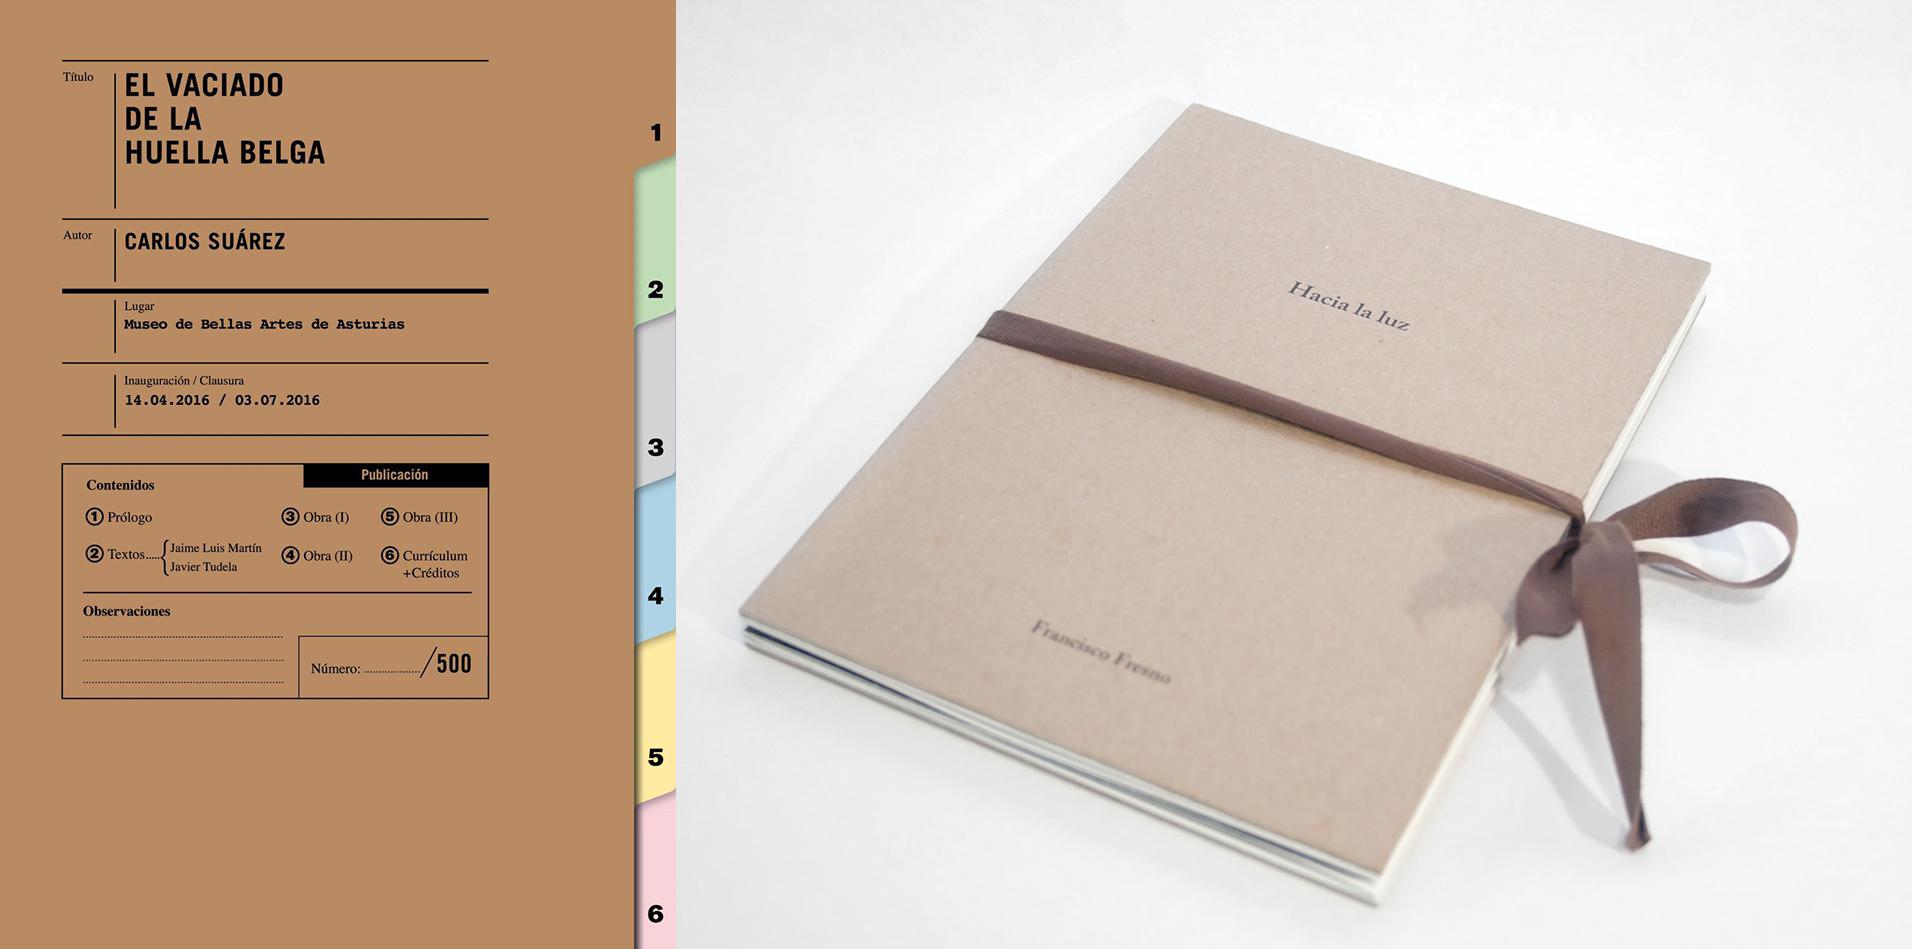 Dos catálogos editados por el Museo de Bellas Artes de Asturias, premiados en ANUARIA 2016